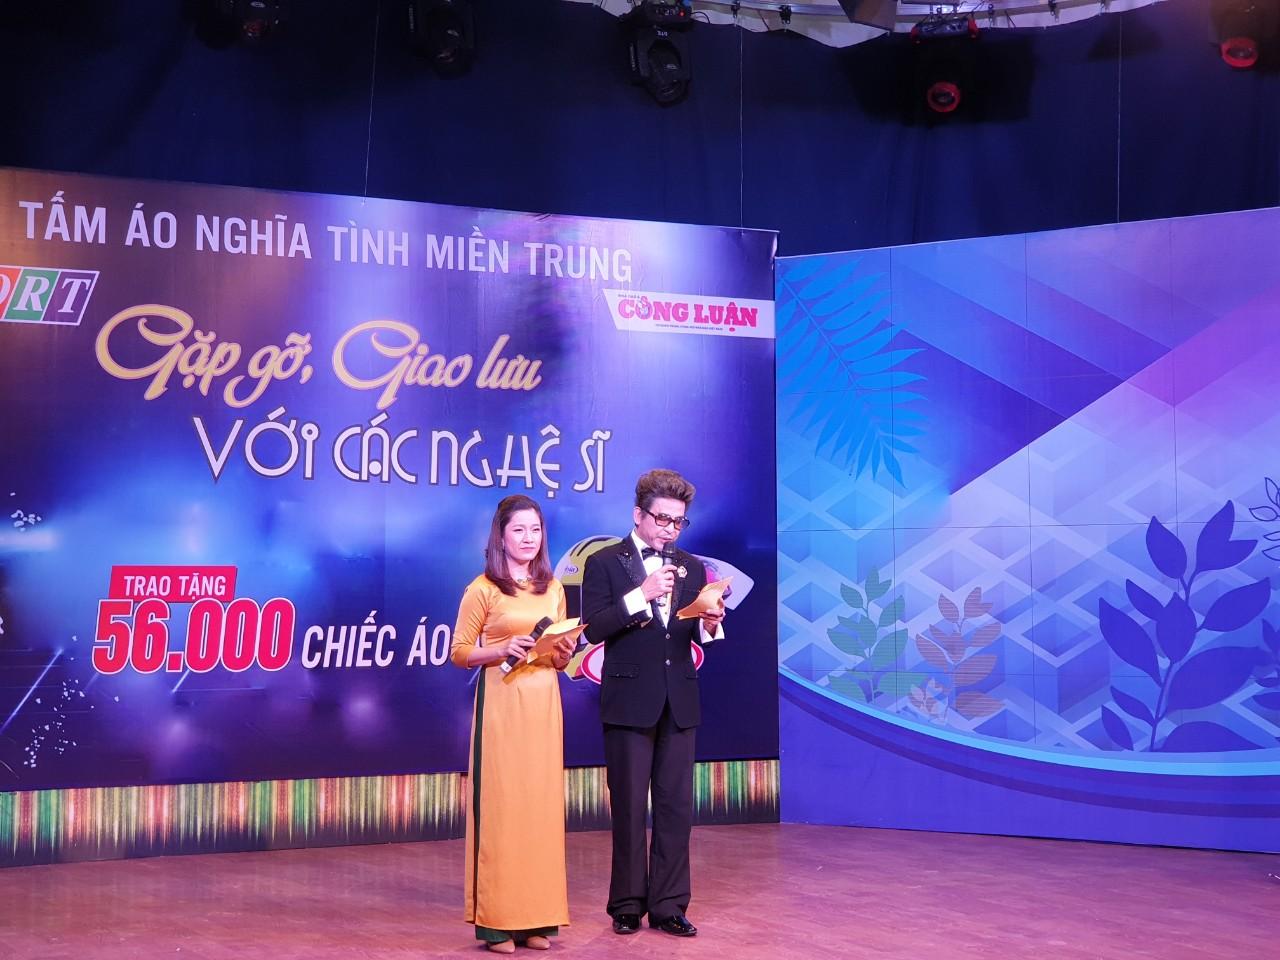 chương trình gặp gỡ giao lưu với đài truyền hình quảng nam